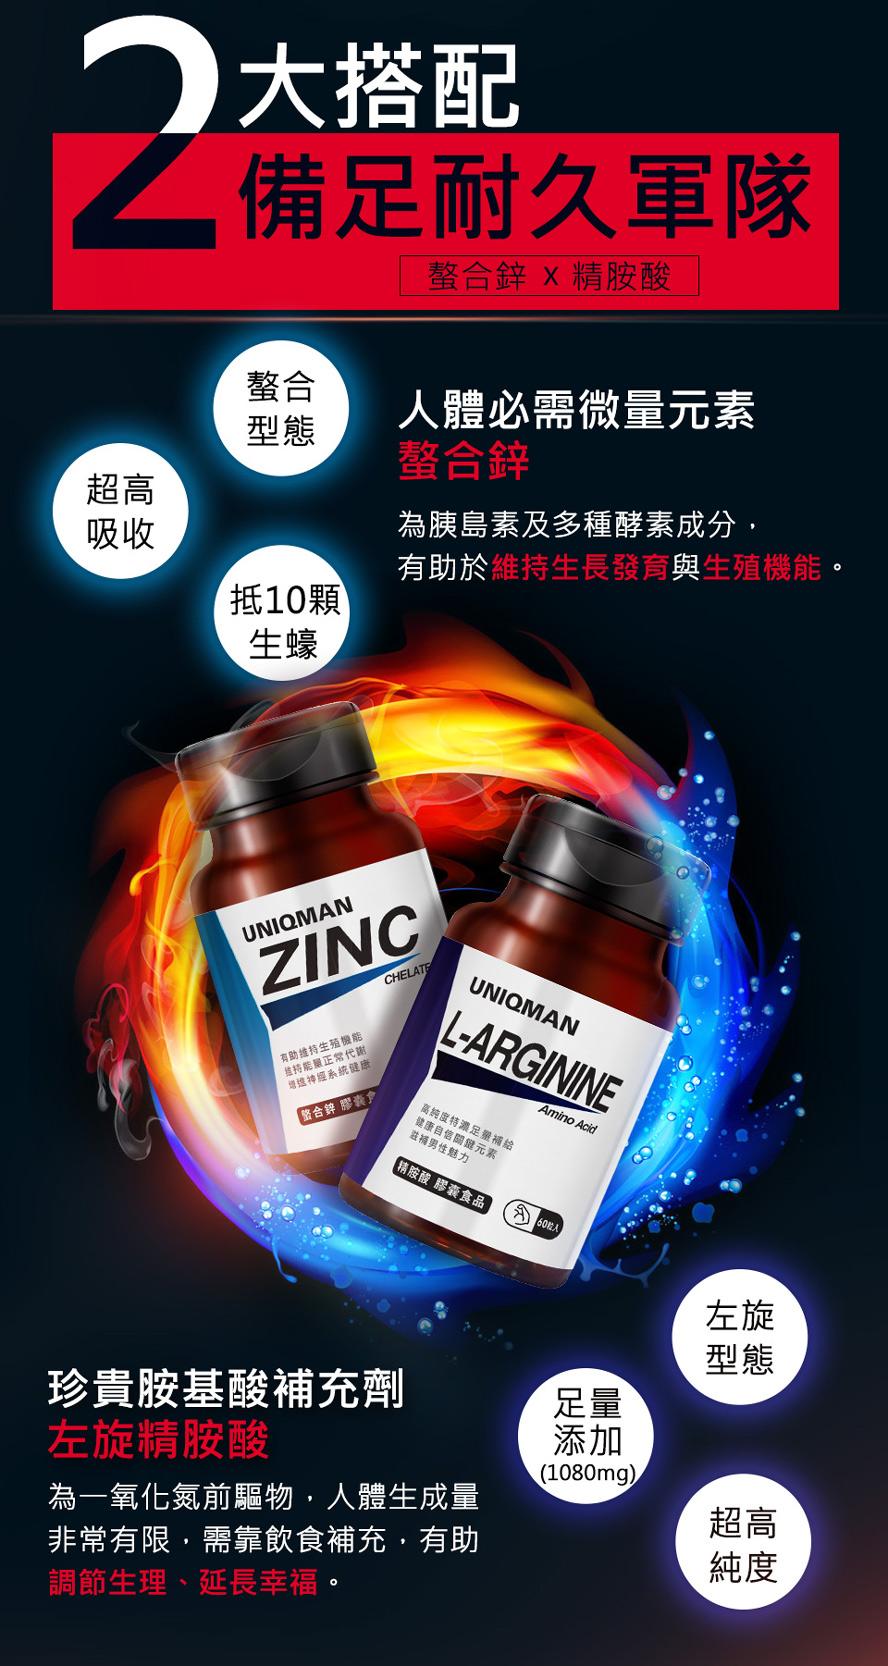 精胺酸搭配螯合鋅,補足男人必需元素